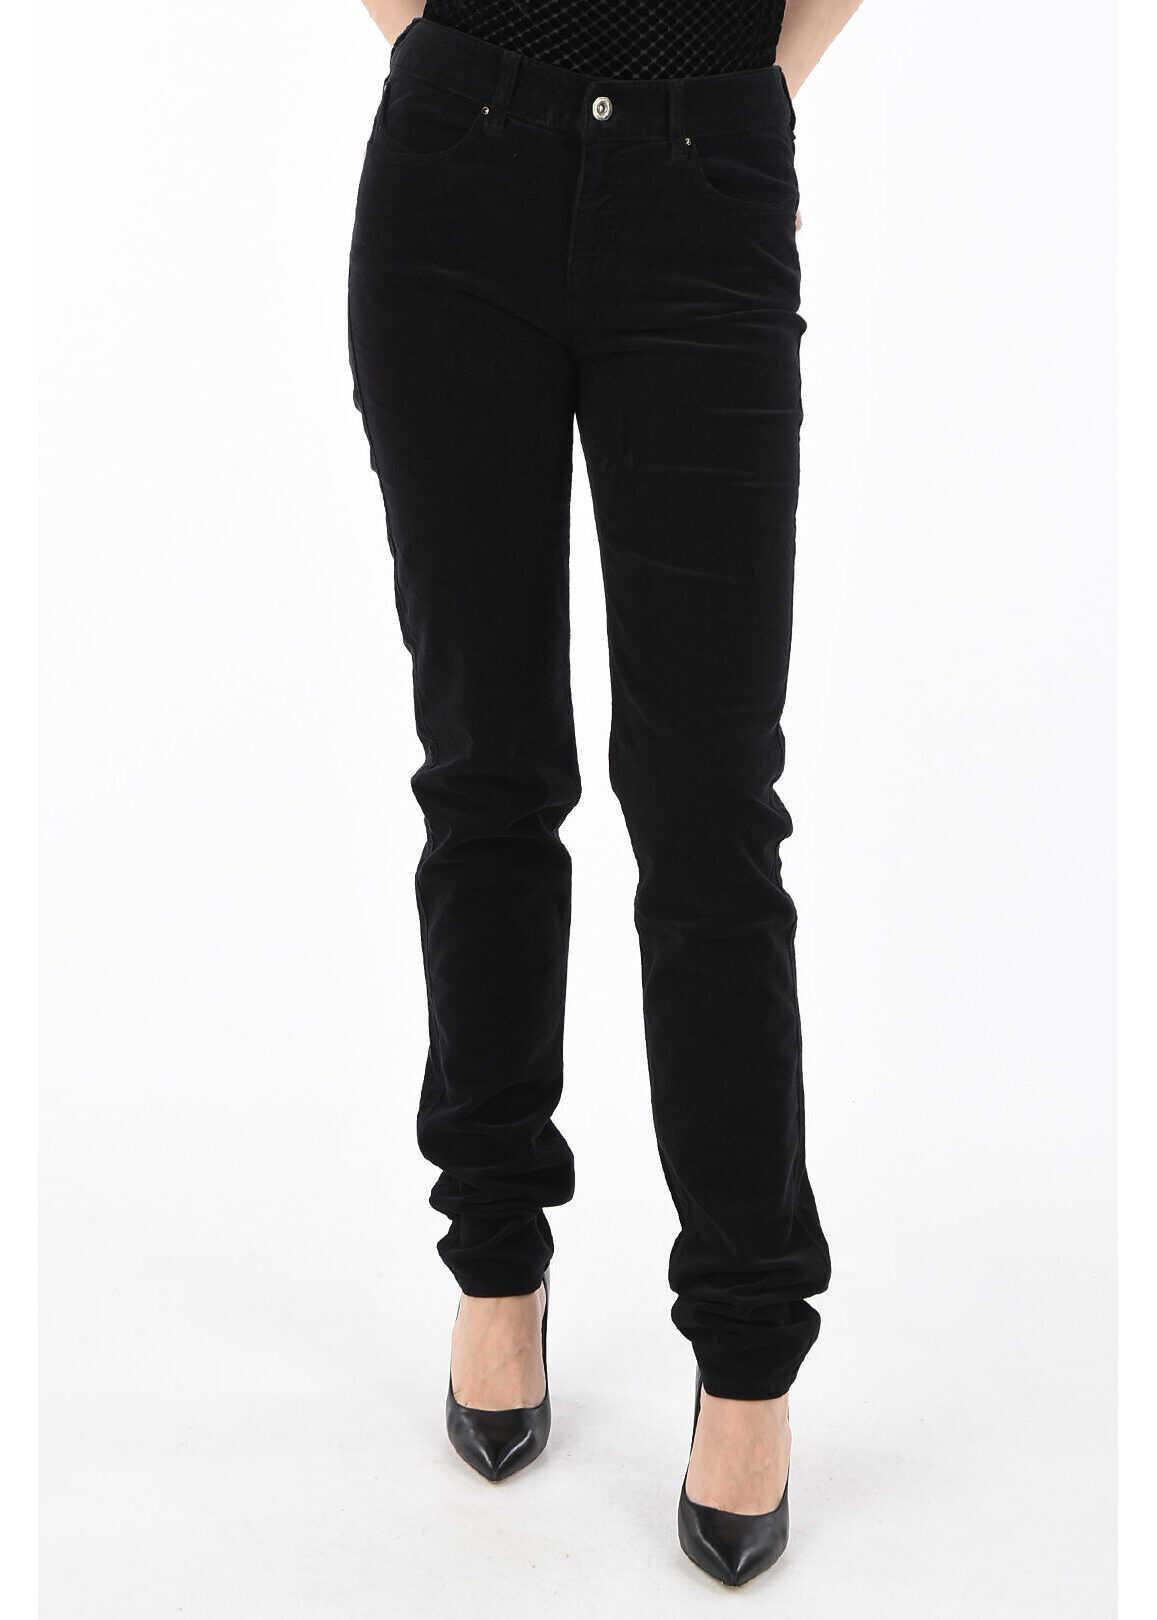 Armani ARMANI JEANS Slim Fit Jeans BLACK